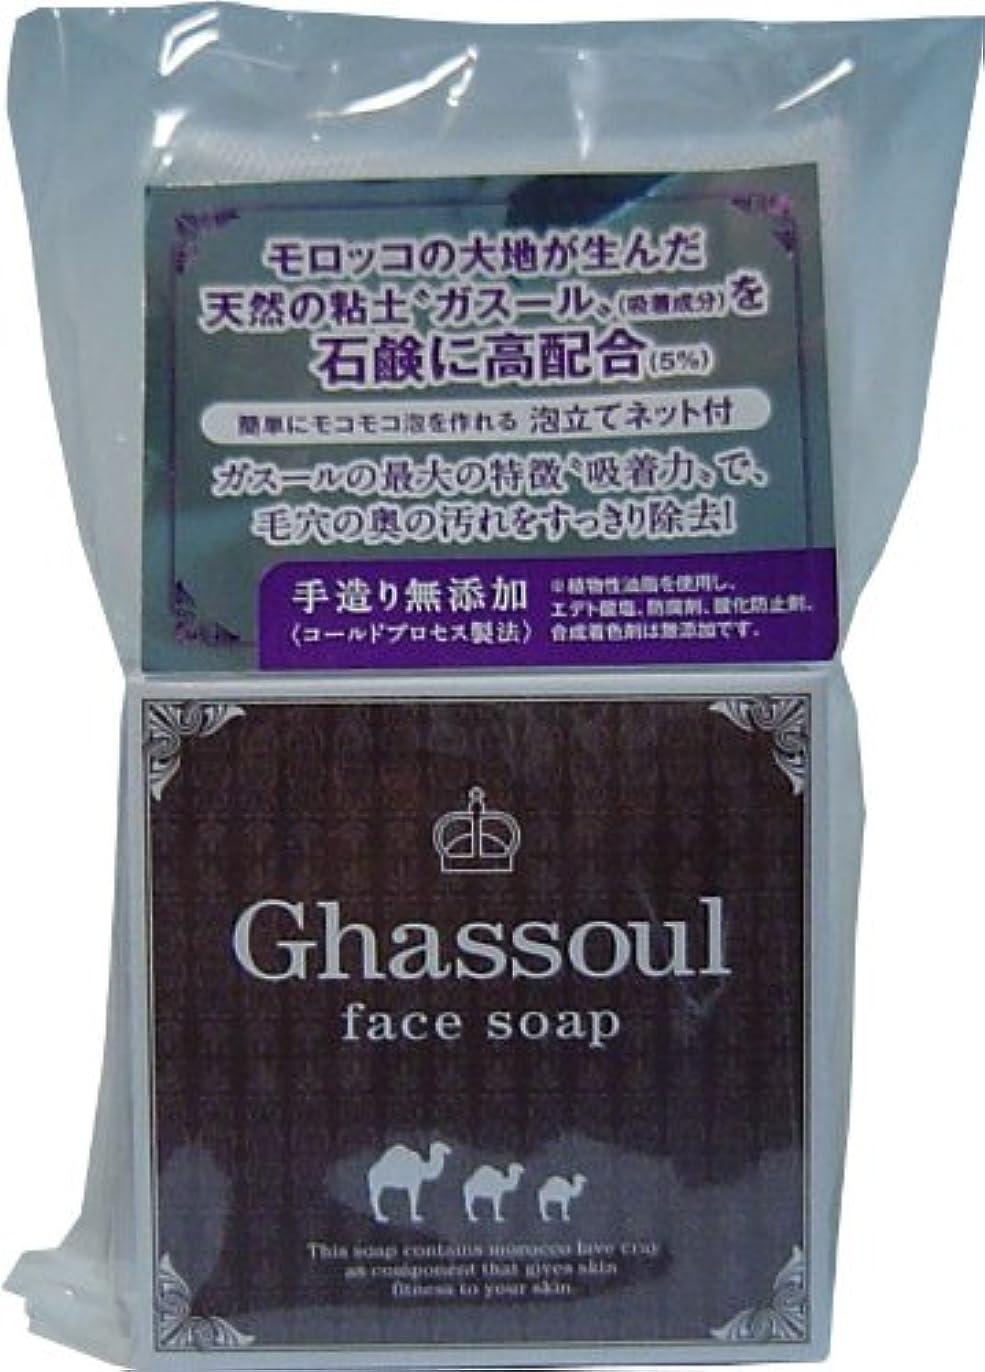 梨前兆粒子Ghassoul face soap ガスールフェイスソープ 100g ×8個セット